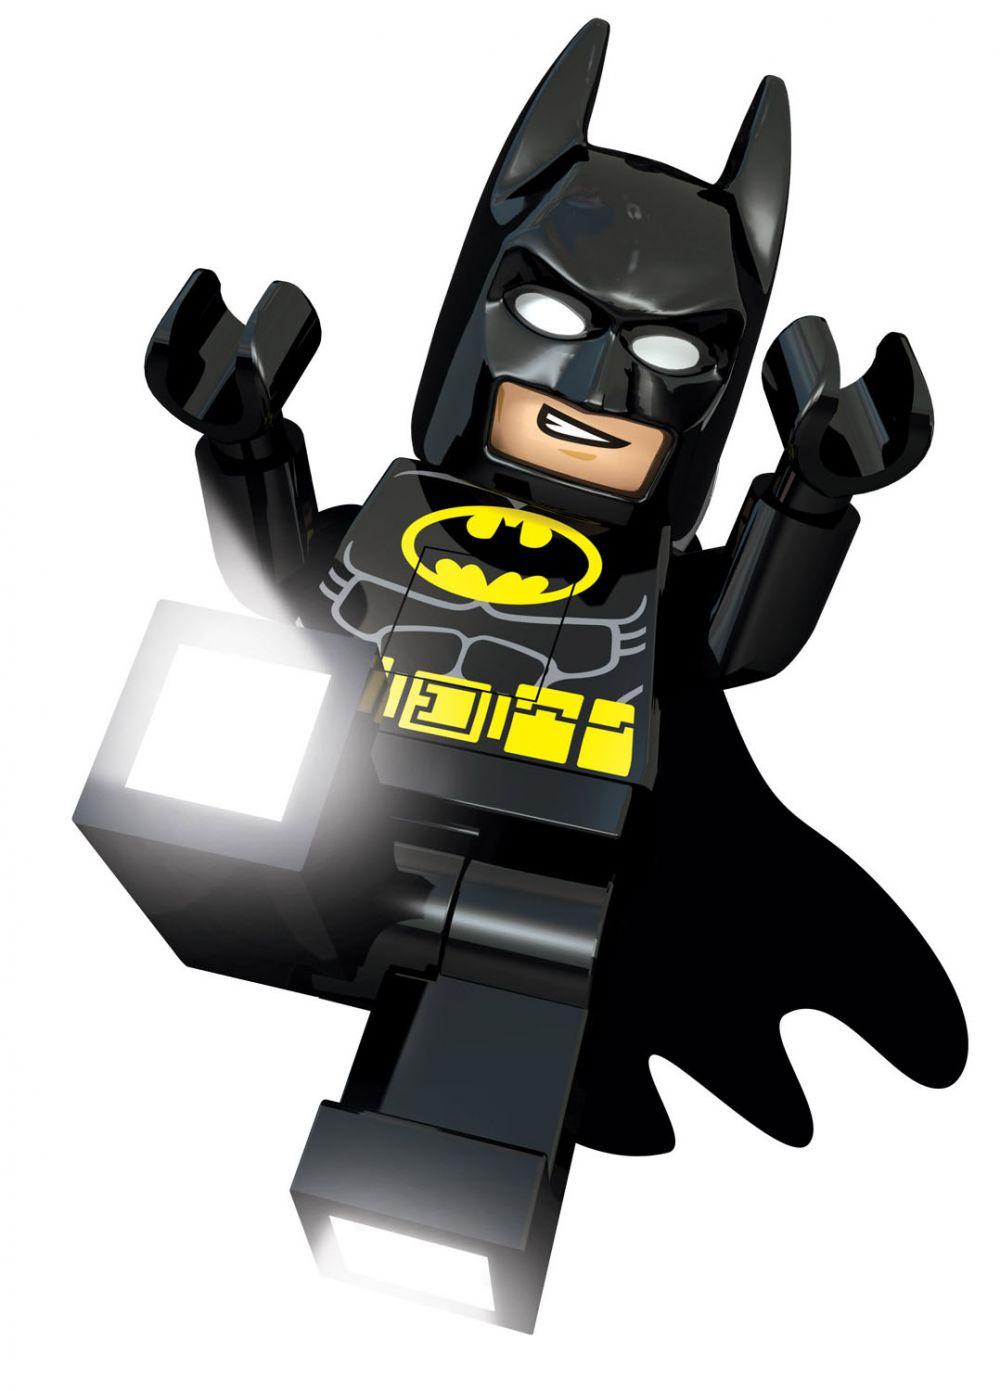 Lego Lampes Lgtob12t Pas Cher Lampe Torche Lego Batman